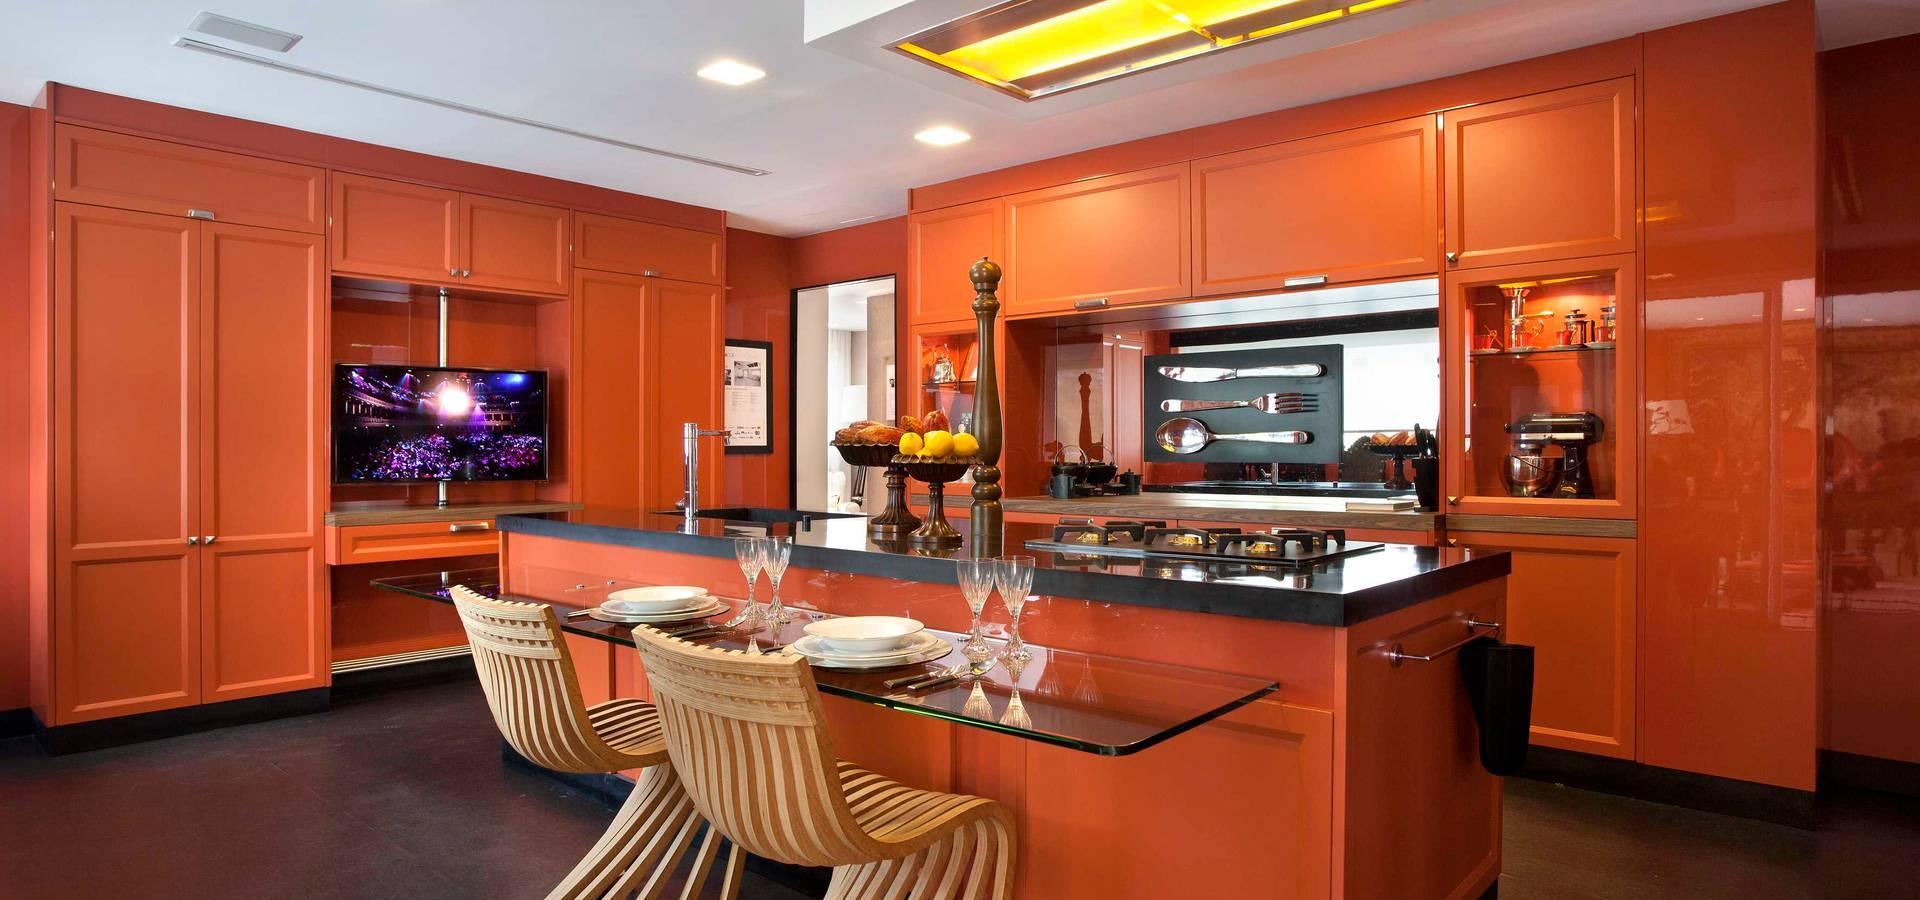 Cozinha Com Varanda Gourmet Por Caco Borges Arquitetura E Interiores